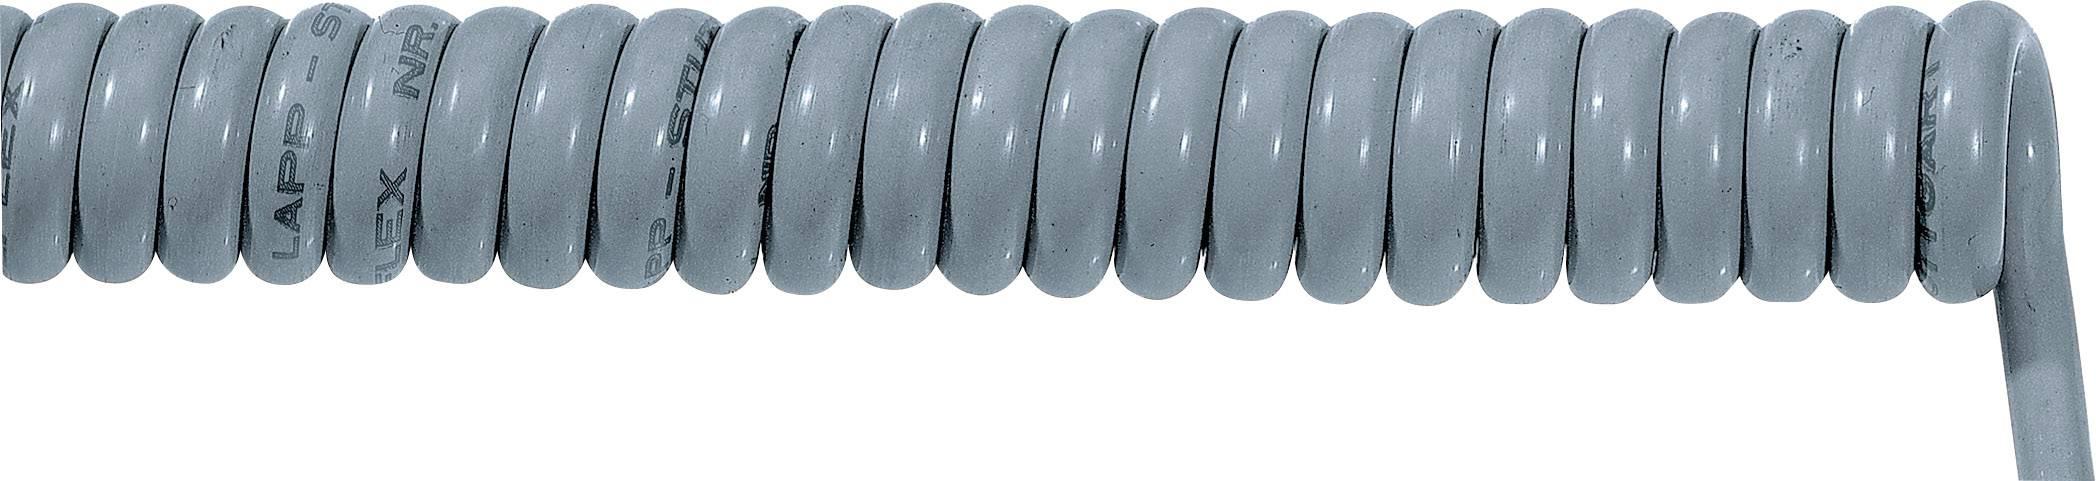 Špirálový kábel 70002705 ÖLFLEX® SPIRAL 400 P 7 x 1.50 mm², 500 mm / 1500 mm, sivá